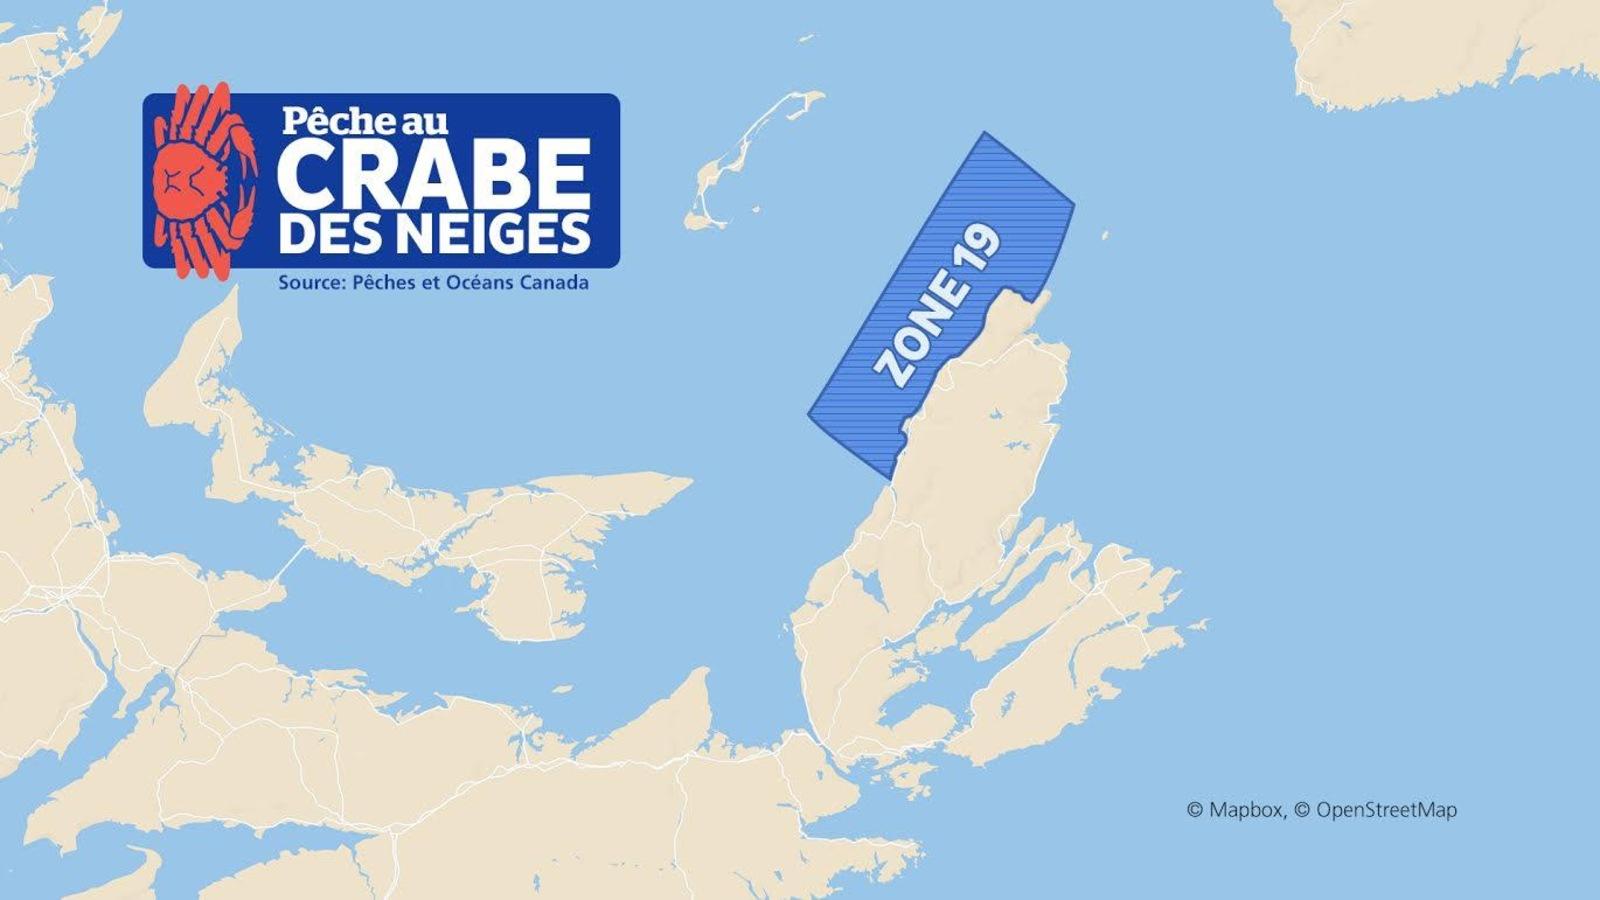 La zone de pêche 19 est située dans le golfe du Saint-Laurent, le long de la côte nord-ouest du Cap-Breton. Elle s'étend de la baie Saint-Laurent à Margaree.